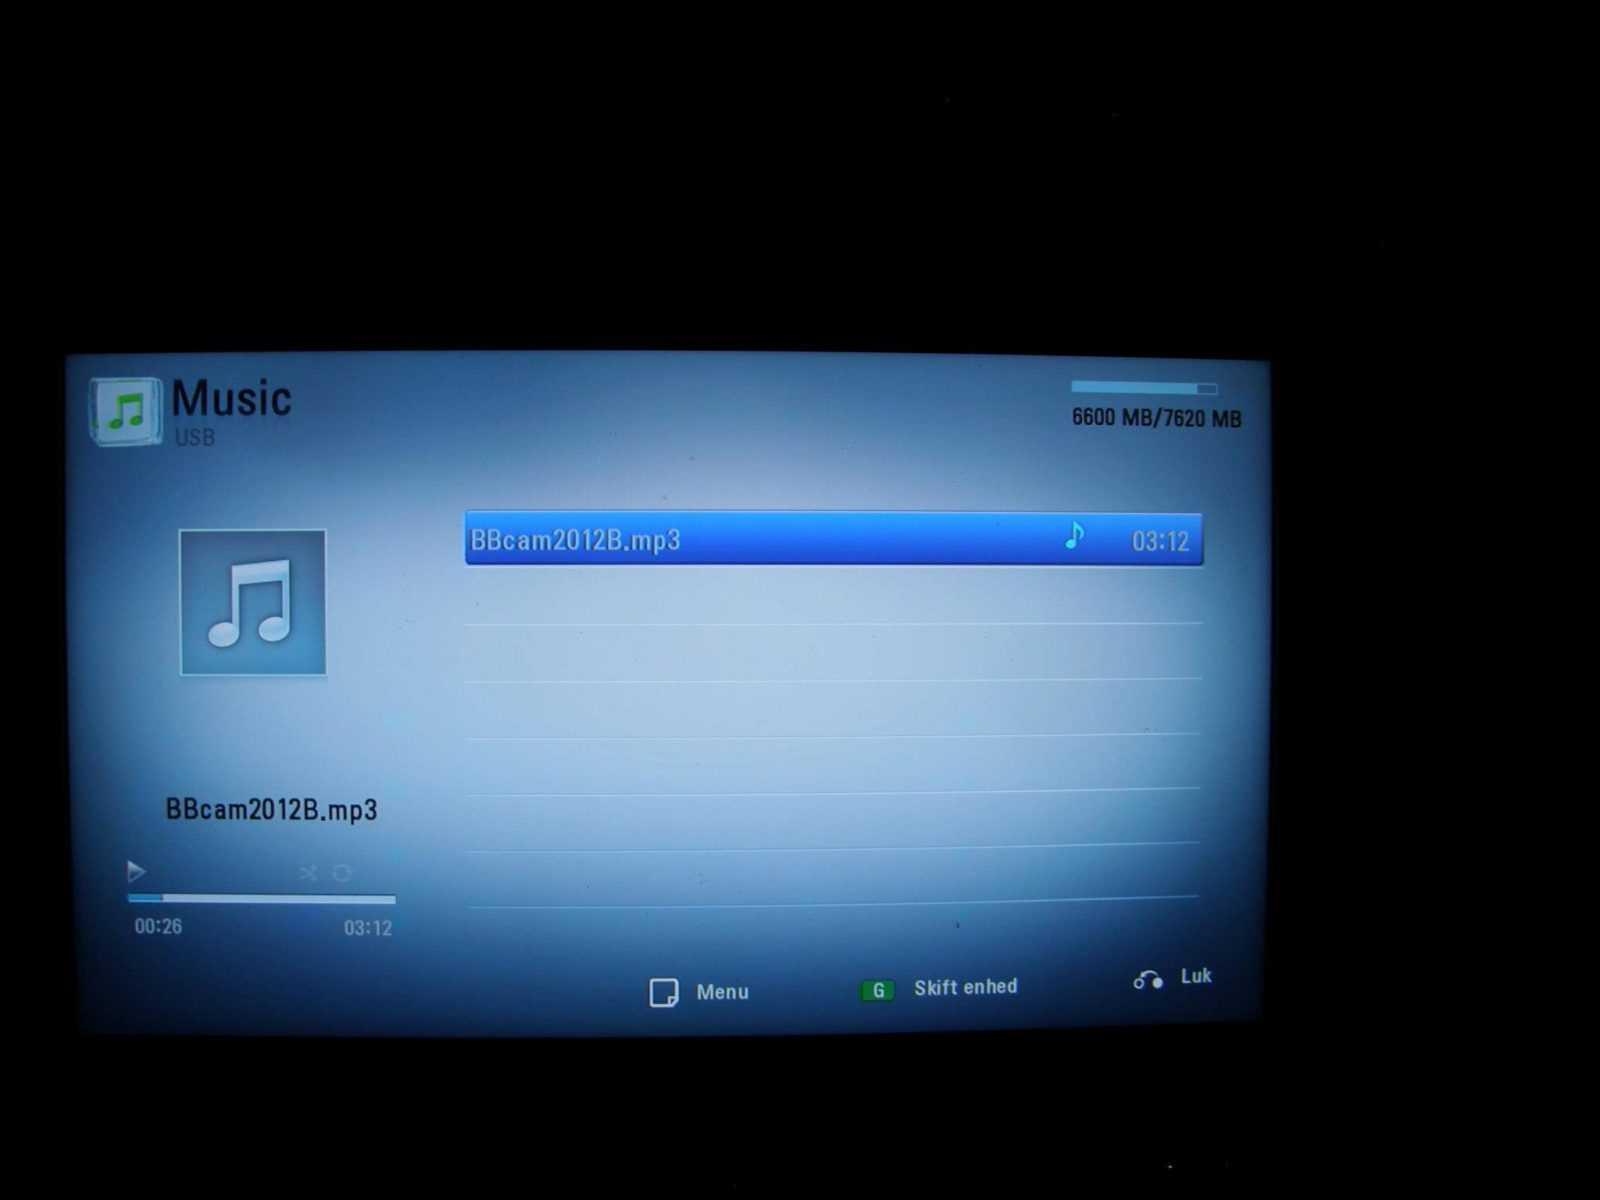 BBC 20 220712 086 - 20-22/7 2012